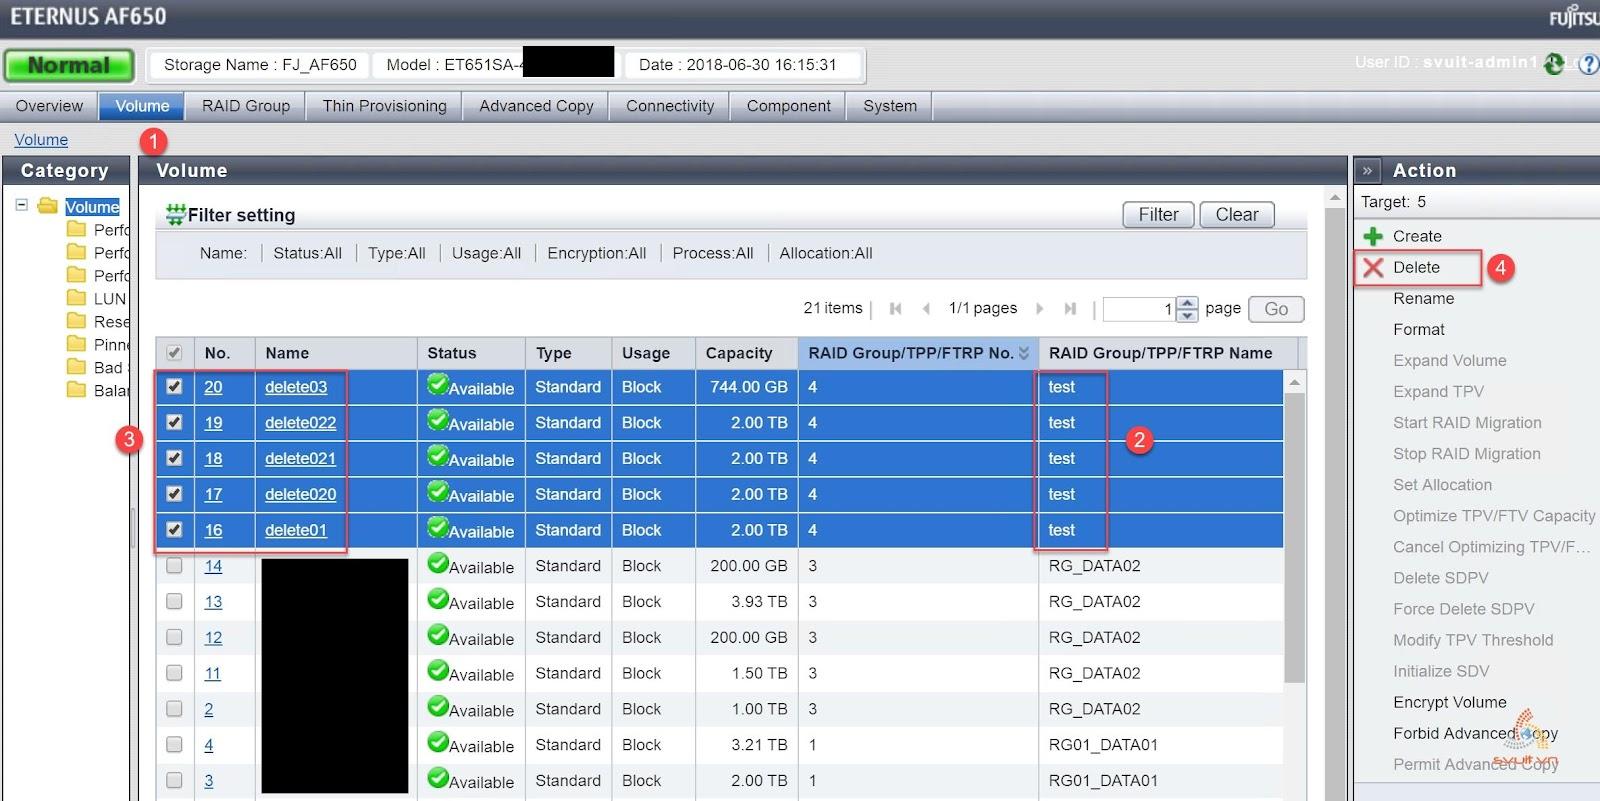 Delete Raid Group, volumes on ETERNUS AF650 #2